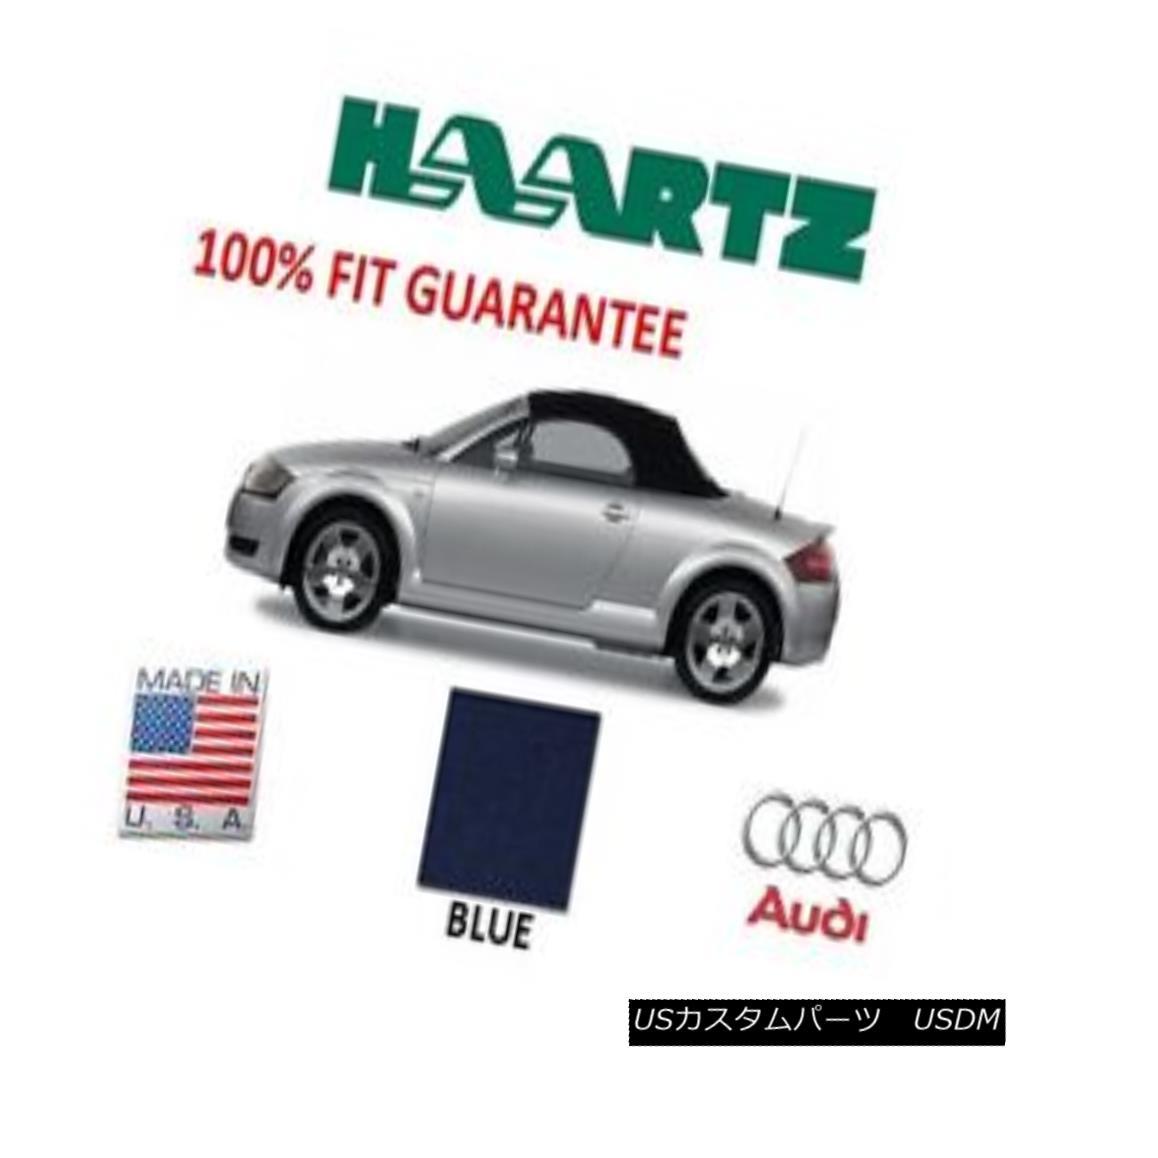 幌・ソフトトップ Audi TT 2000-2005 Convertible Soft Top With Glass Window Blue Stayfast Cloth NEW Audi TT 2000-2005コンバーチブルソフトトップ(ガラス窓付)ブルーステイファストクロス